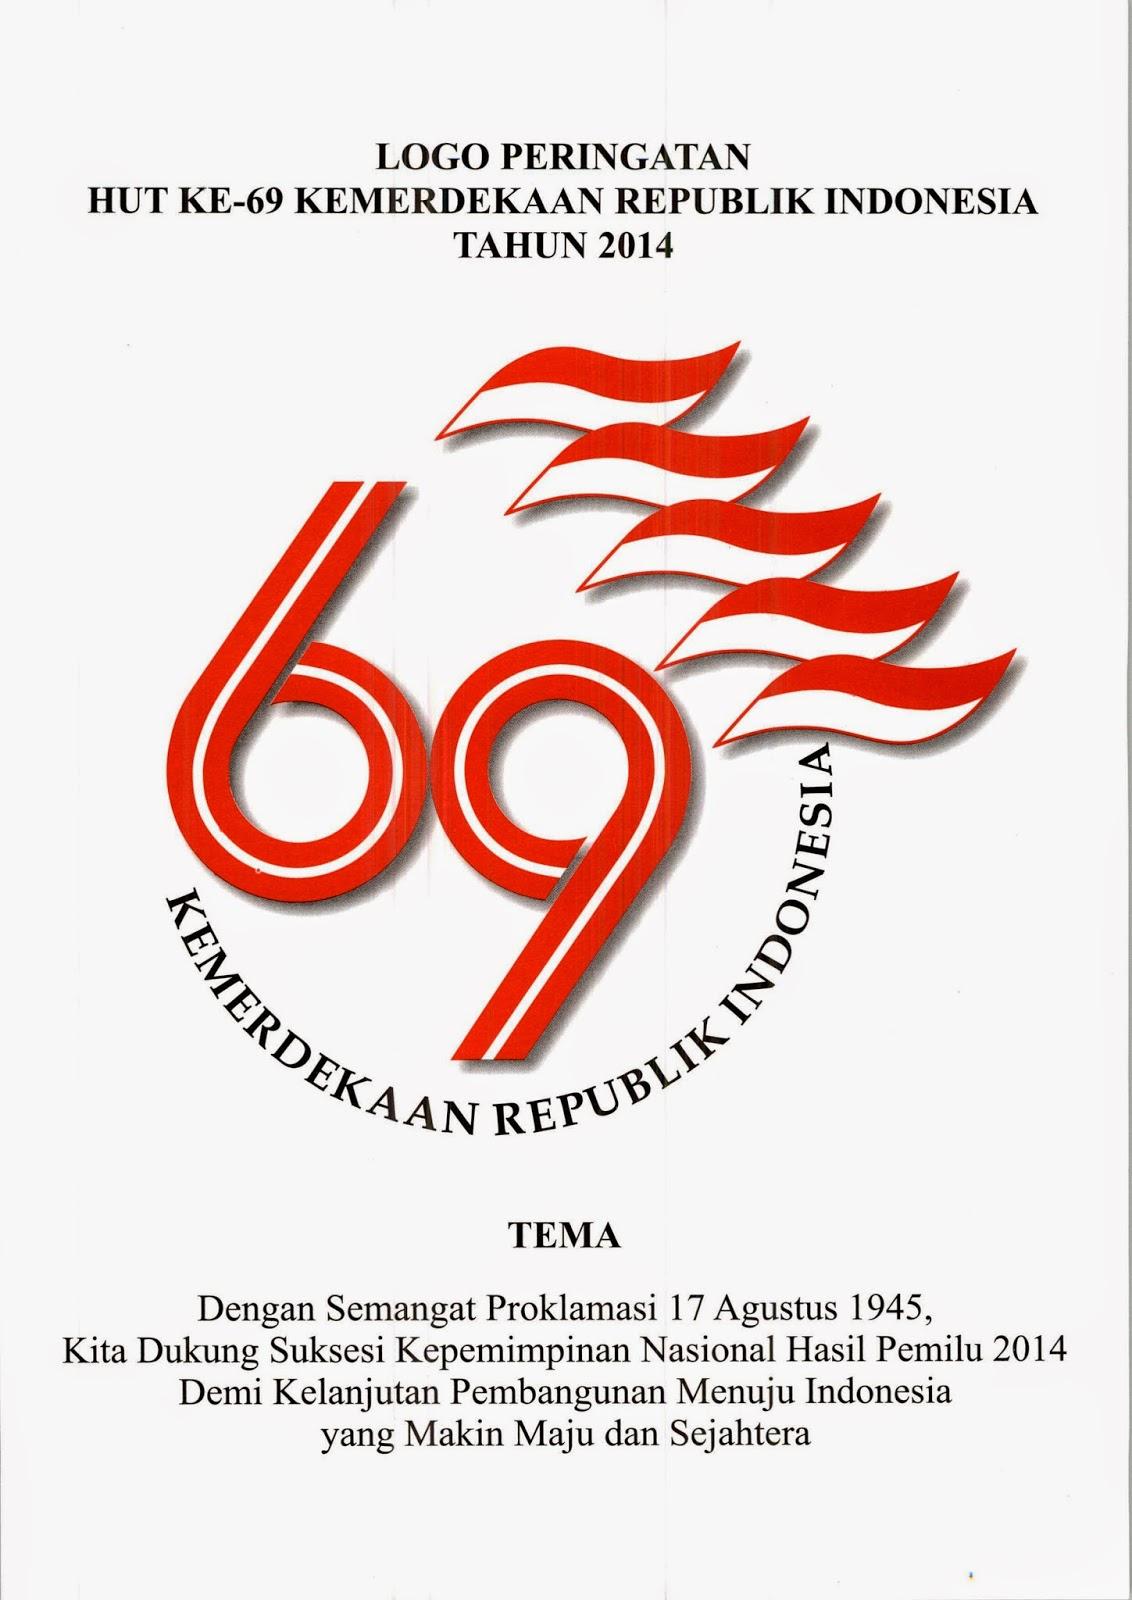 Logo dan Tema HUT Ke 69 Kemerdekaan Republik Indonesia, iNDONESIA Merdeka. Tema Kemerdekaan Indonesia Tahun 2014